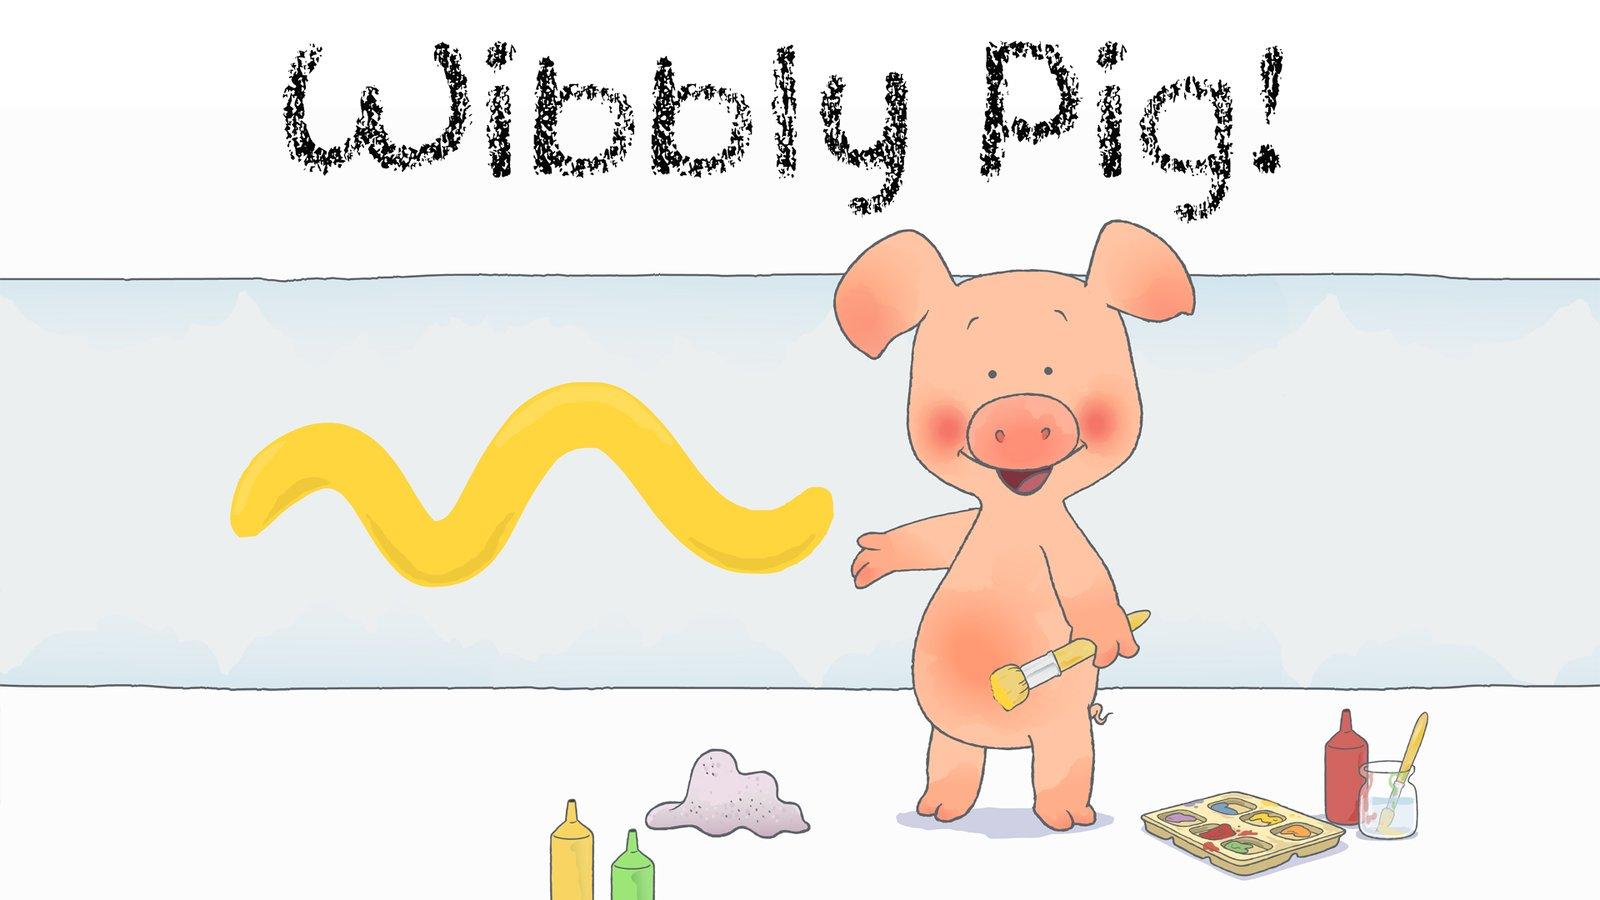 Wibbly Pig Season 1